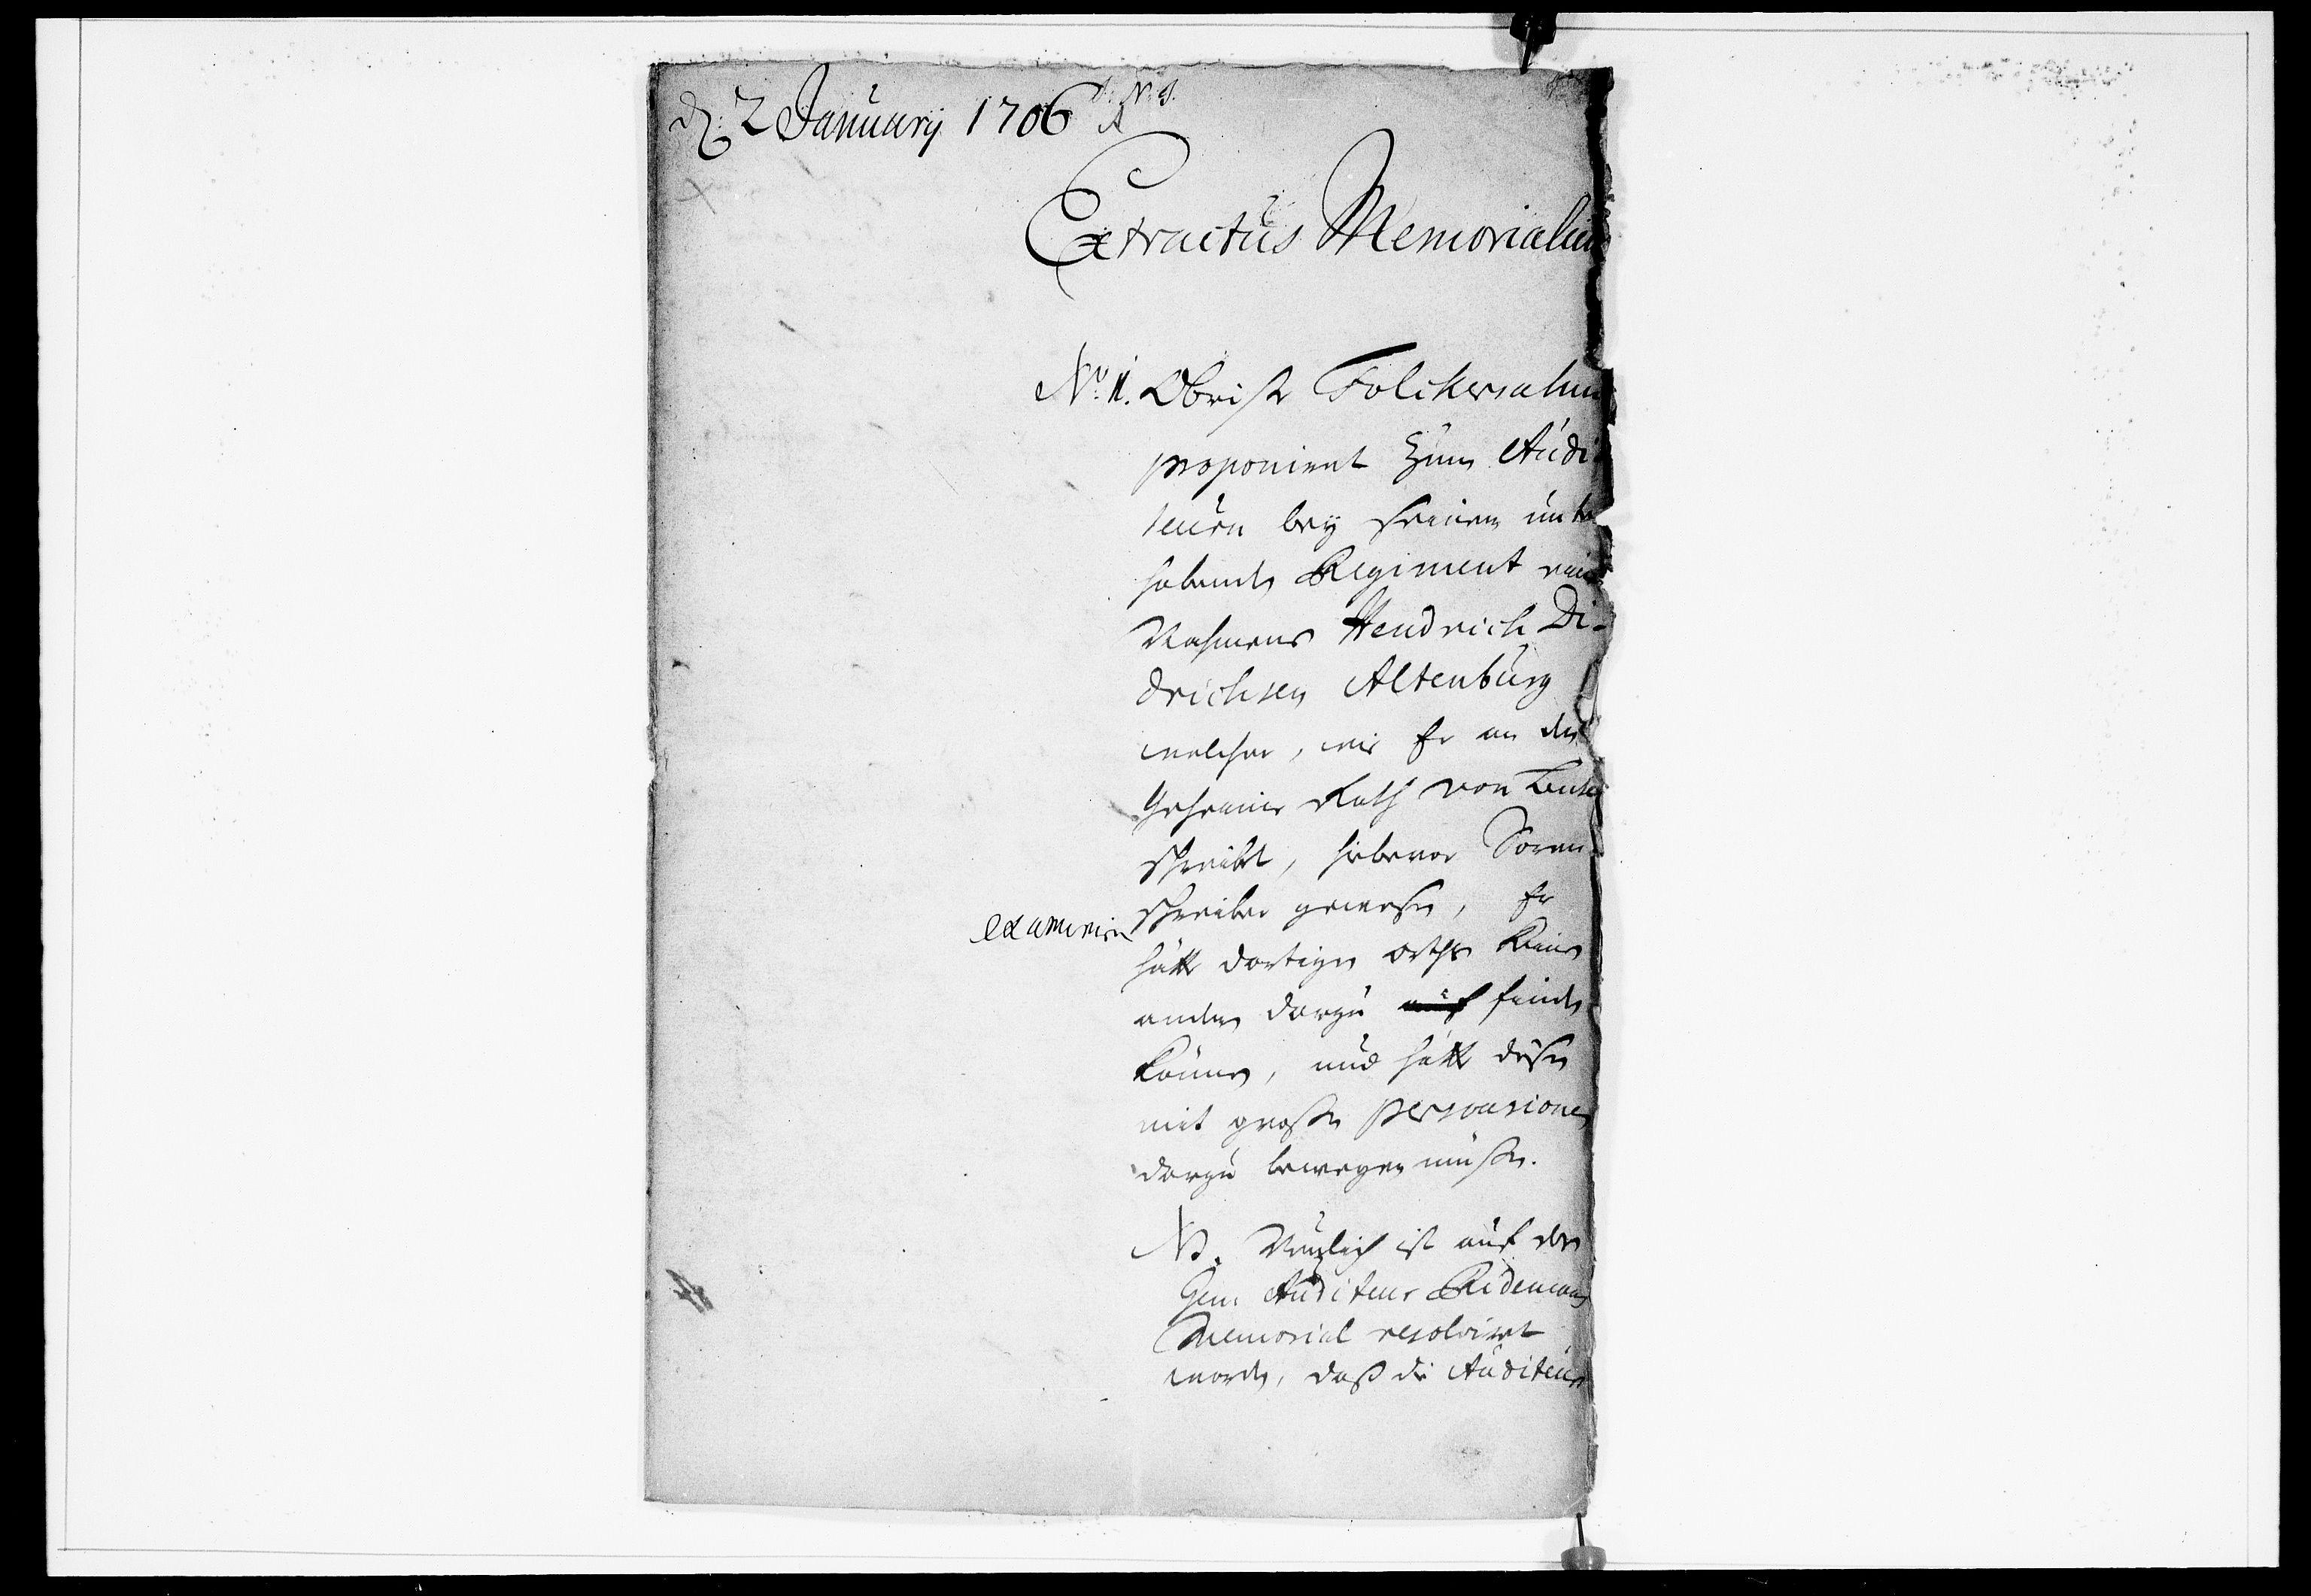 DRA, Krigskollegiet, Krigskancelliet, -/0951-0956: Refererede sager, 1706, s. 2